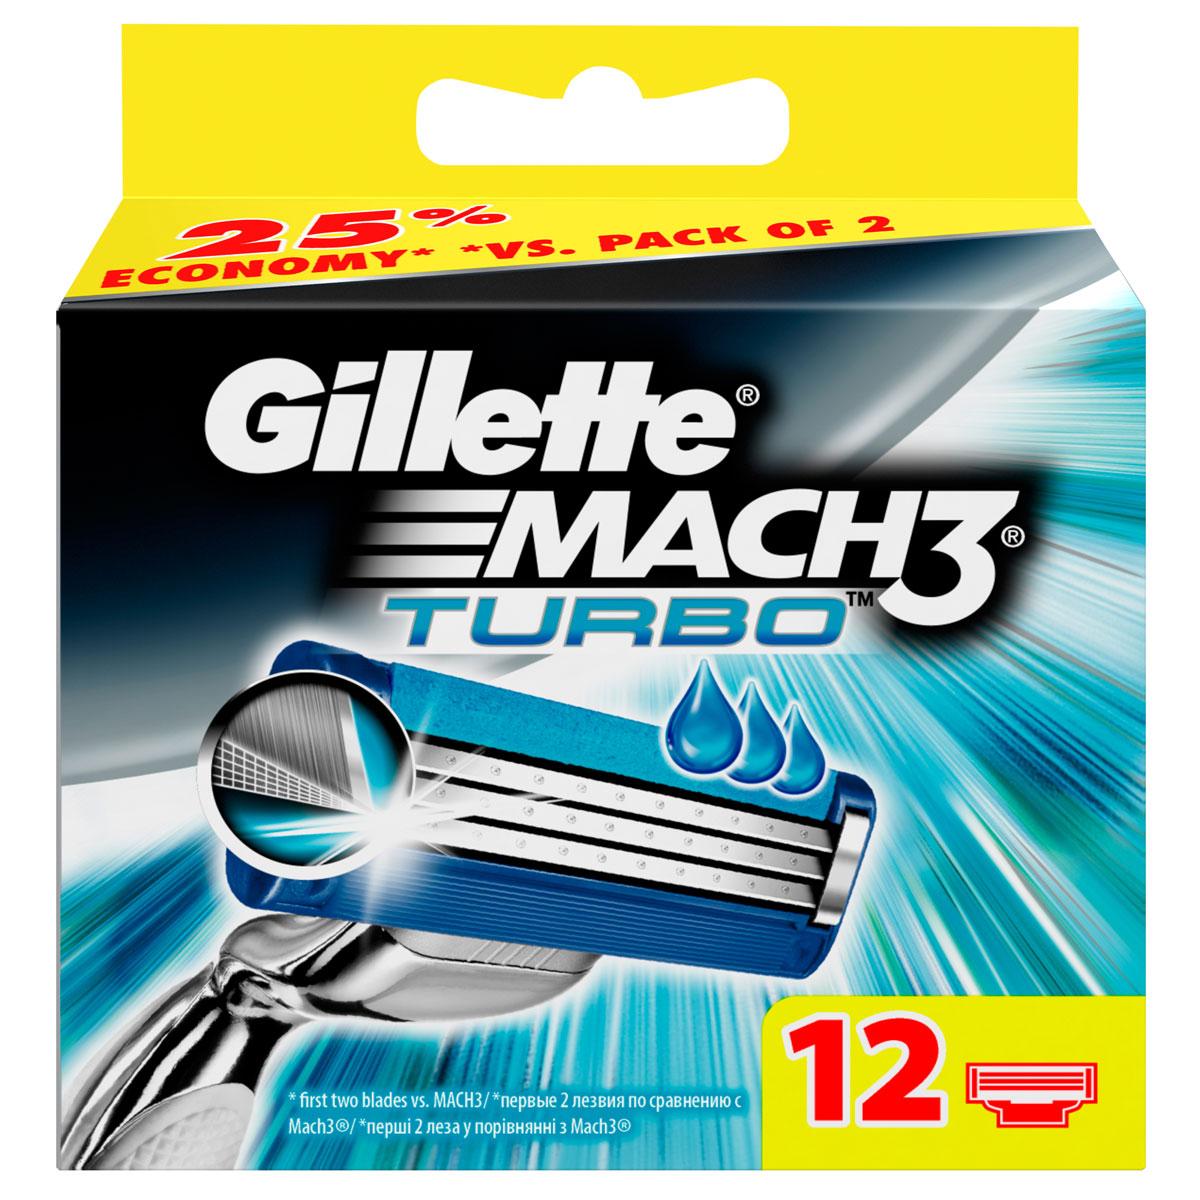 Сменные кассеты для бритья Gillette Mach 3 Turbo, 12 шт.MCT-81424006Новые лезвия. Острее, чем одноразовая бритва. Бреет без раздражения. Даже 10-ое бритье Mach3 комфортнее 1- го одноразовой бритвой. Совершенствуй процесс бритья с бритвой Mach3! Gillette Mach3 Turbo имеет более острые лезвия (первые два лезвия в сравнении с Mach3) и обеспечивает гладкое бритье без раздражения по сравнению одноразовыми бритвами Bluell Plus. Лезвия Turbo легче срезают щетину, не тянут и не дергают волоски (первые два лезвия в сравнении с Mach3), даря вам невероятный комфорт. В то же время гелевая полоска Comfort помогает сохранить дольше вашу бритву Mach3 Turbo и мягко скользит по коже (по сравнению с одноразовыми бритвенными станками Bluell Plus). Этот станок имеет вдвое больше микрогребней SkinGuard для мягкости бритья (по сравнению с одноразовыми бритвенными станками Bluell Plus). Плавающая головка обеспечивает тесный контакт лезвий с кожей, рукоятка с регулировкой нажатия адаптируется к контурам лица для более легкого и комфортного бритья (по...